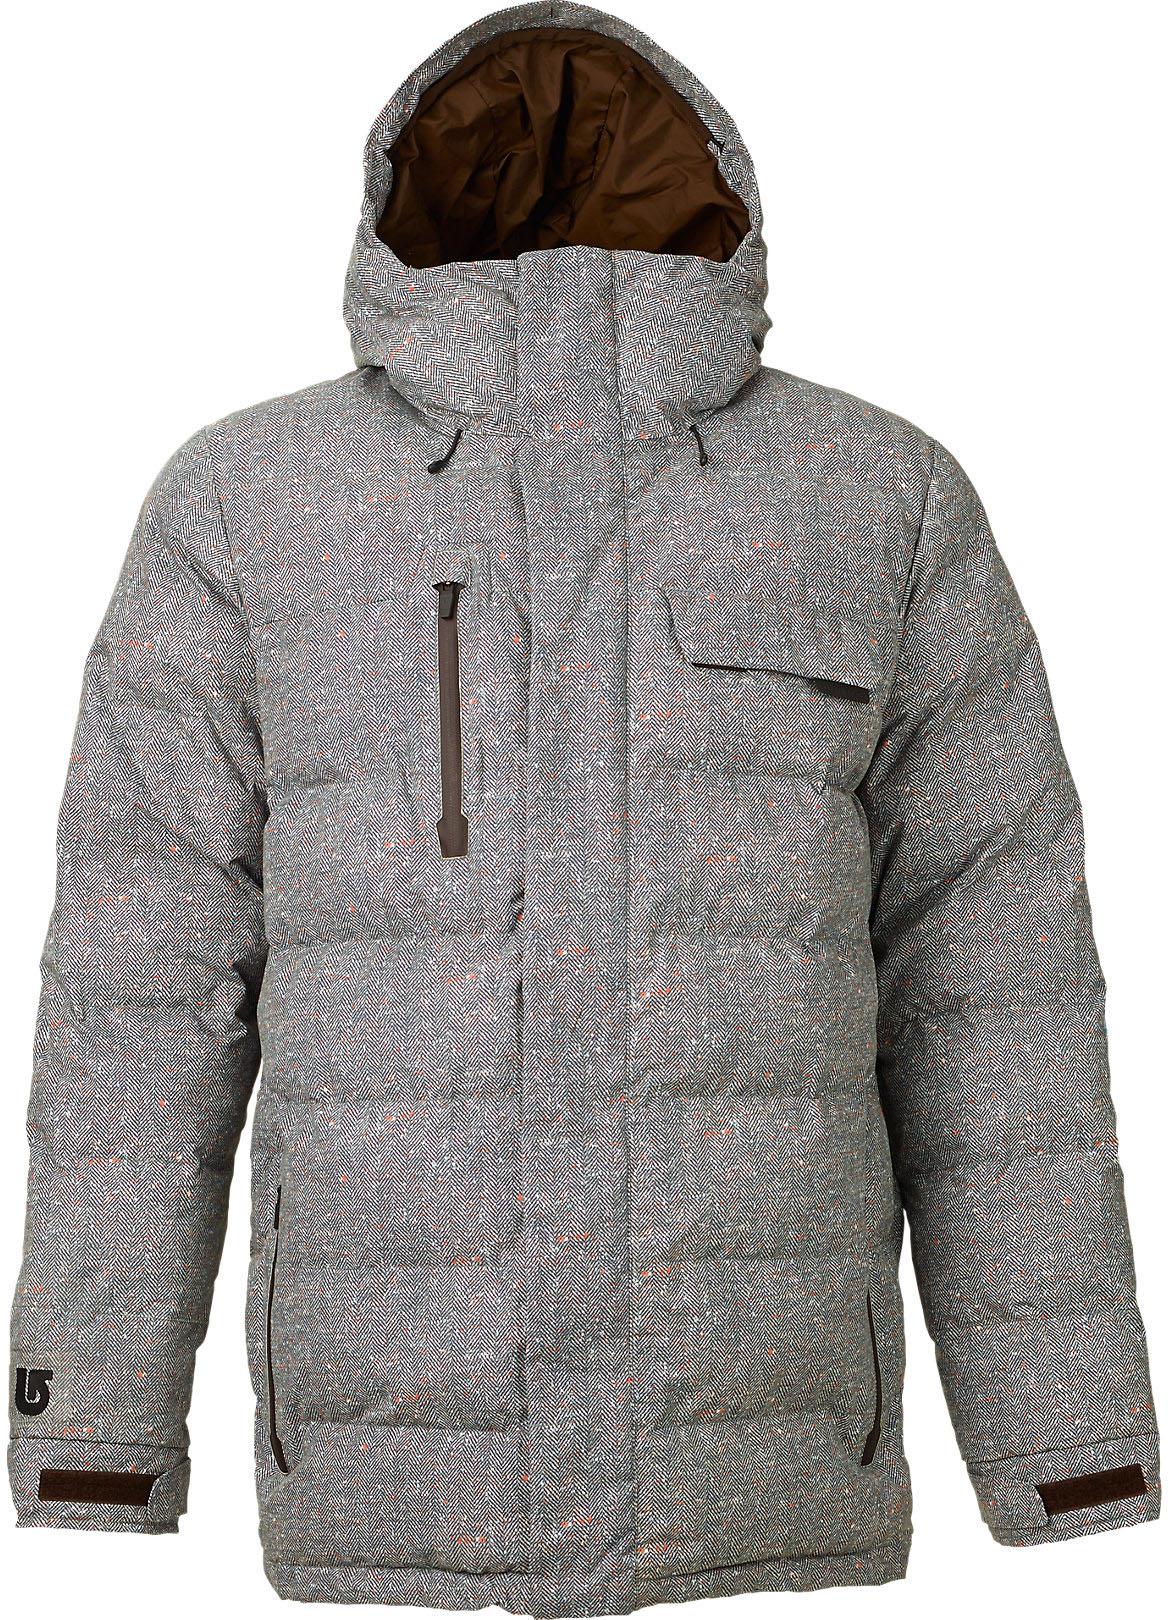 image burton-hostile-jacket-jpg